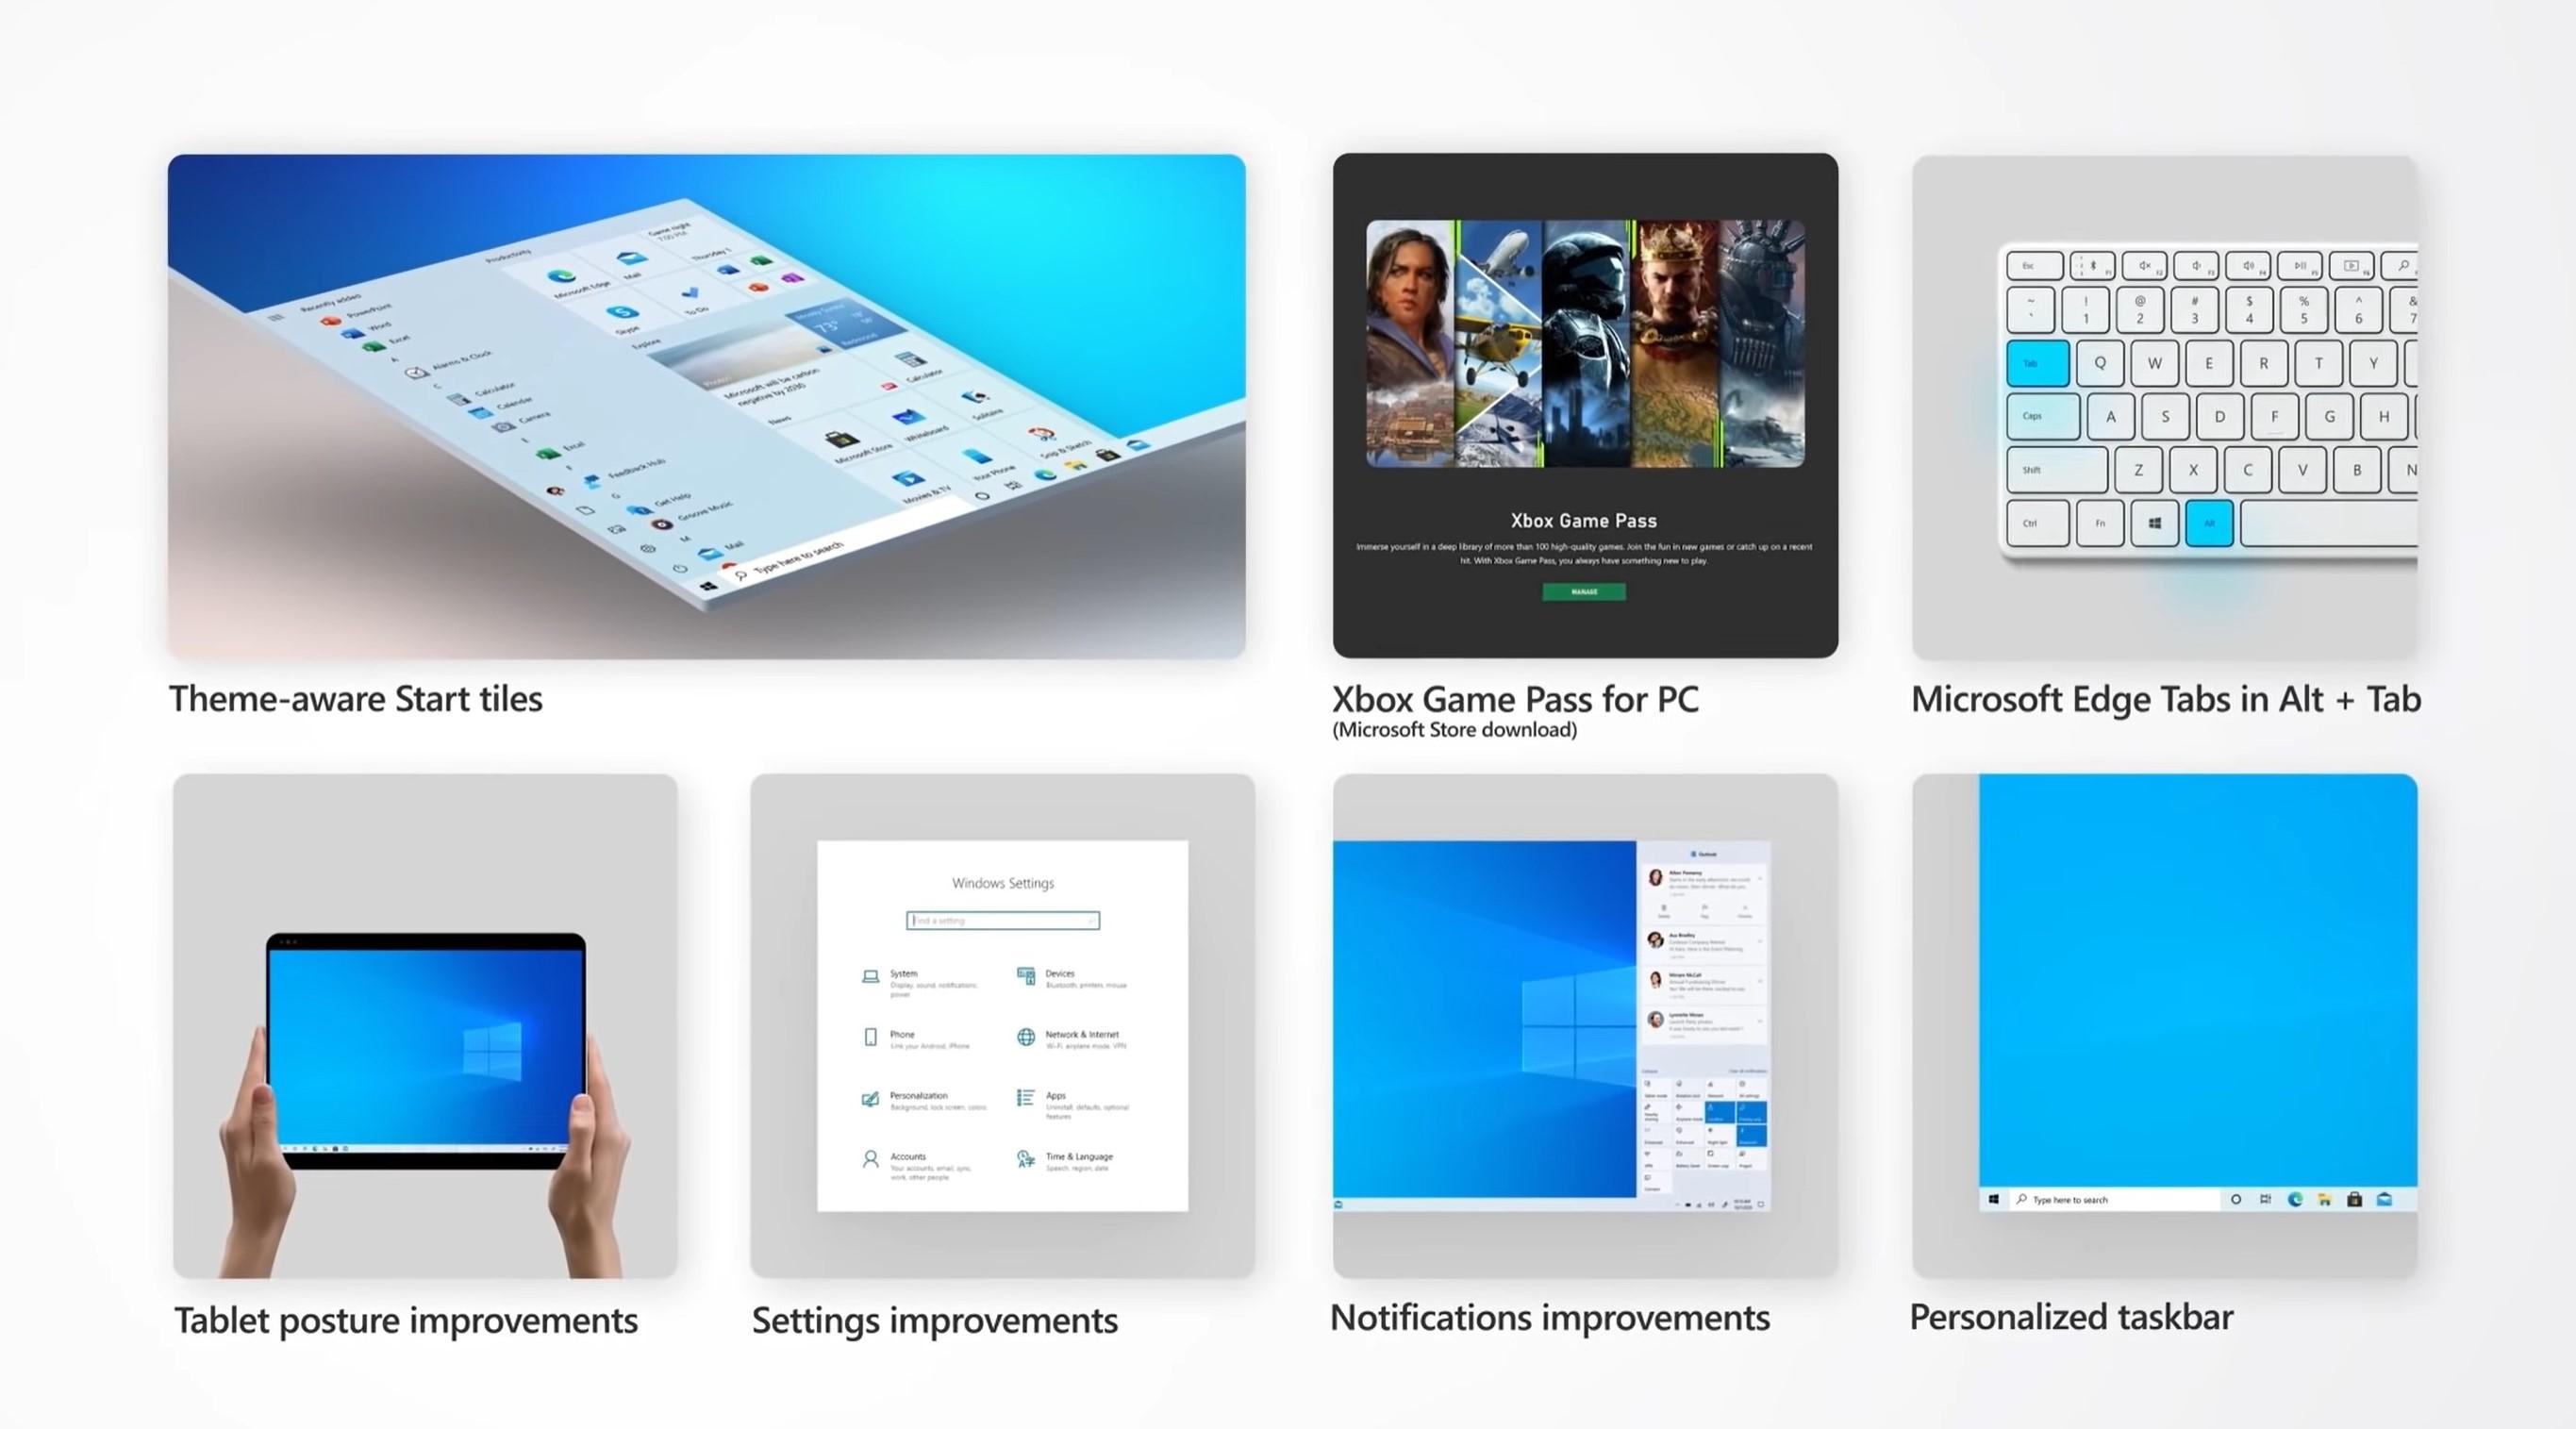 Zgadnijcie, co jest największą nowością w październikowej aktualizacji Windows 10